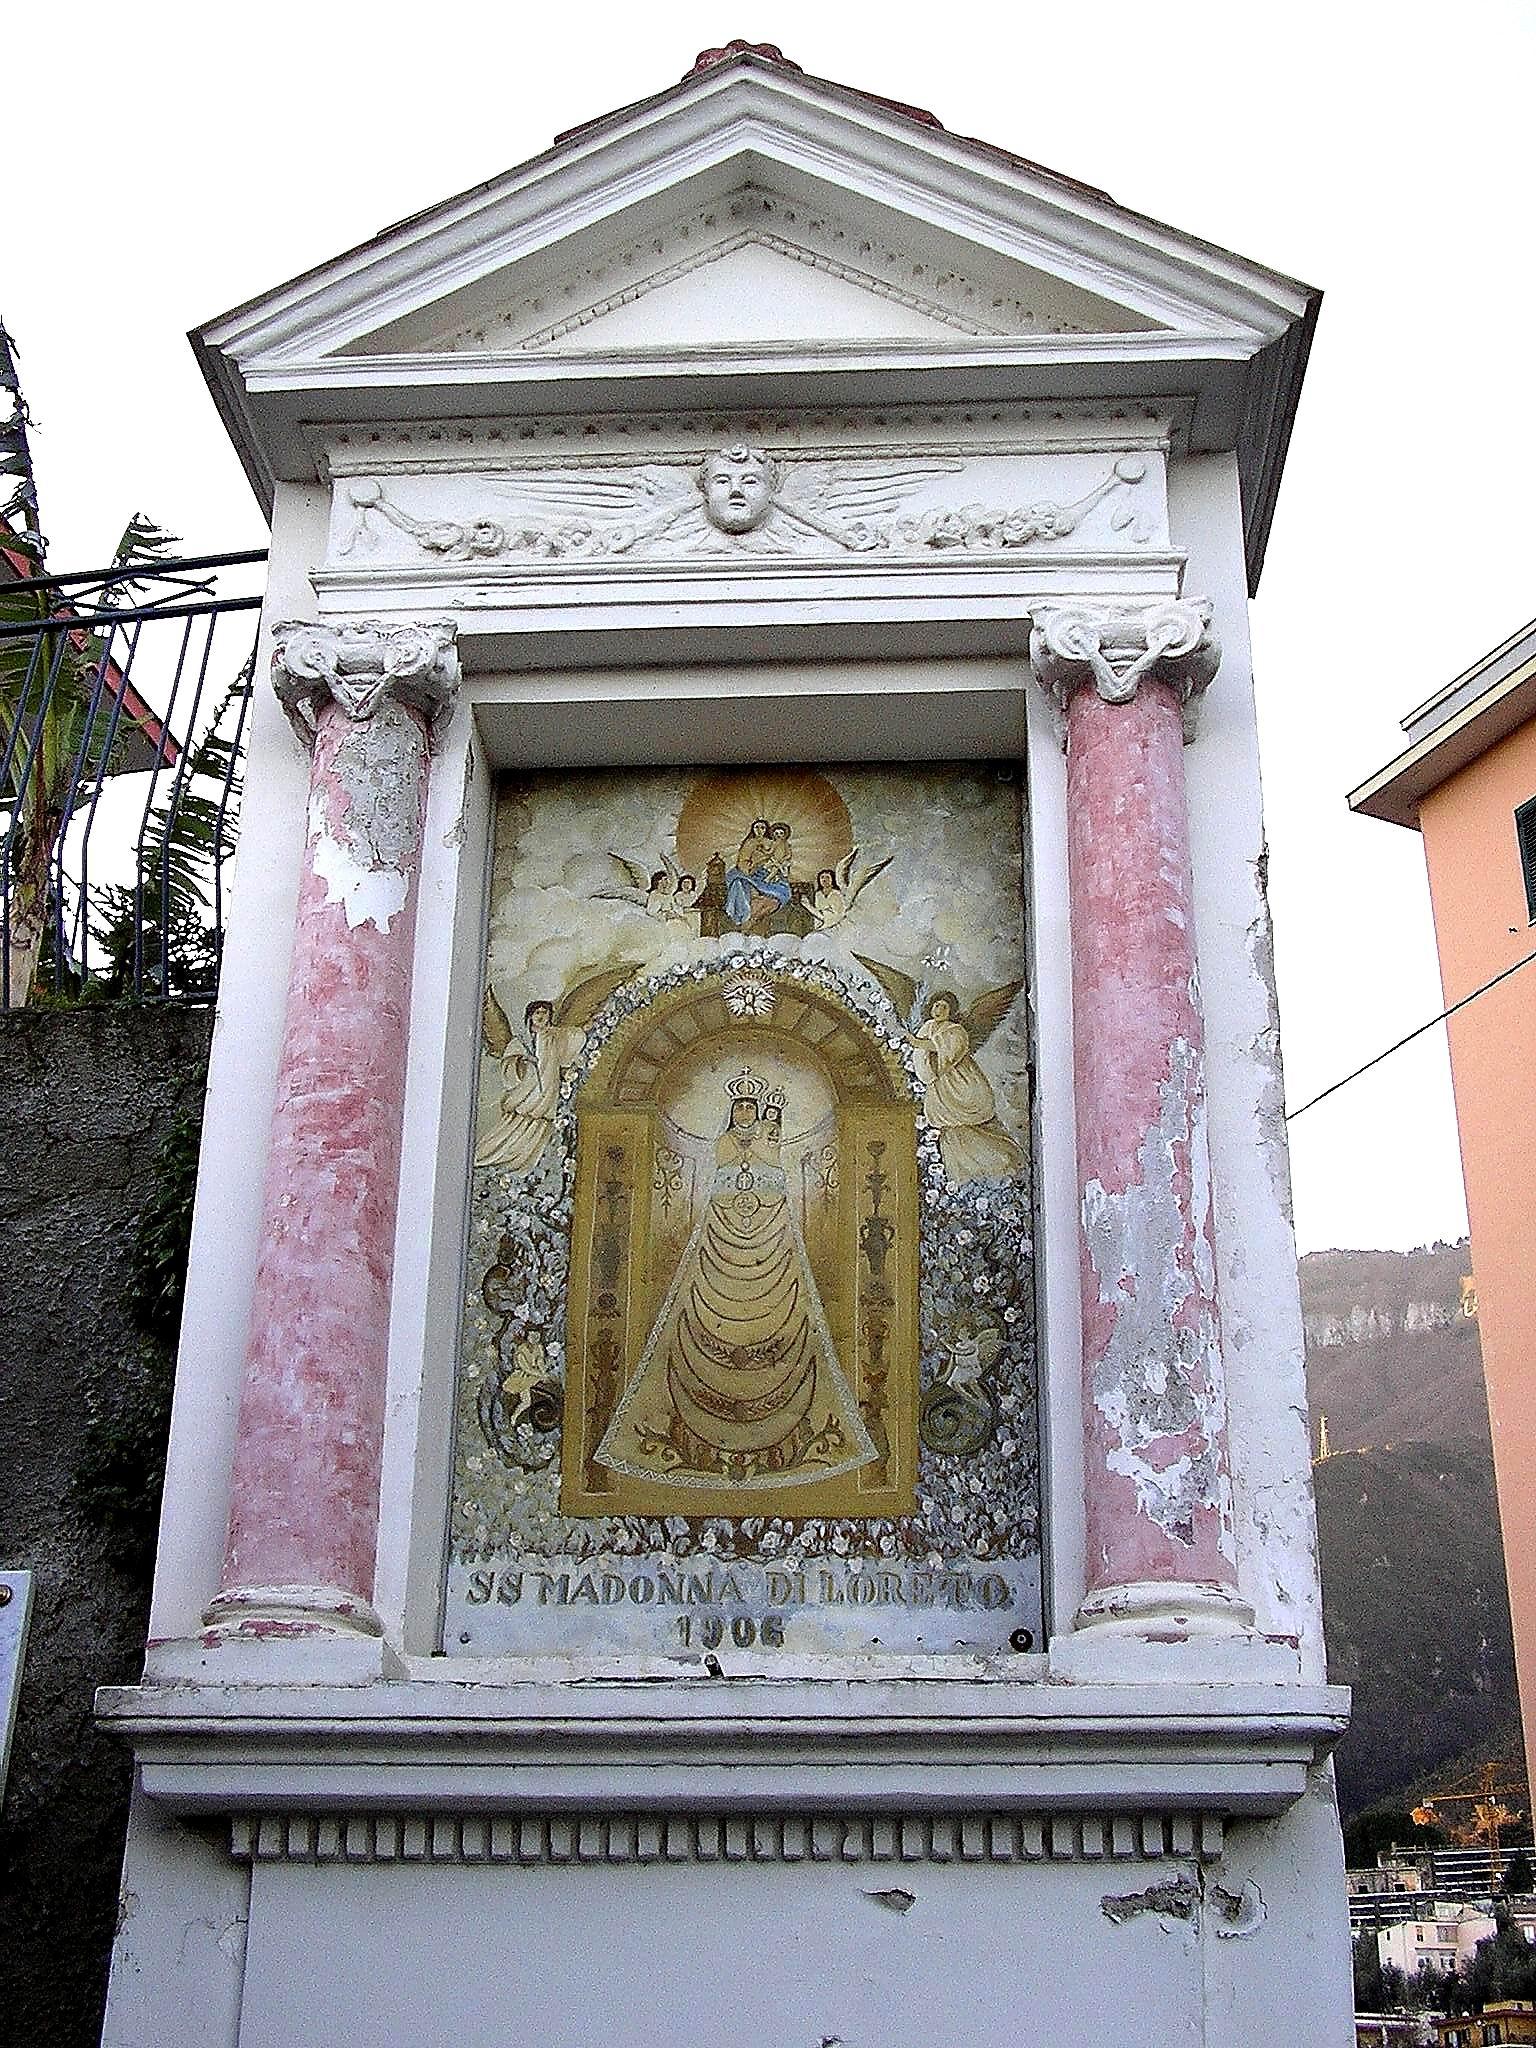 SS. Madonna di Loreto, 1906 (foto Maurizio Cuomo)